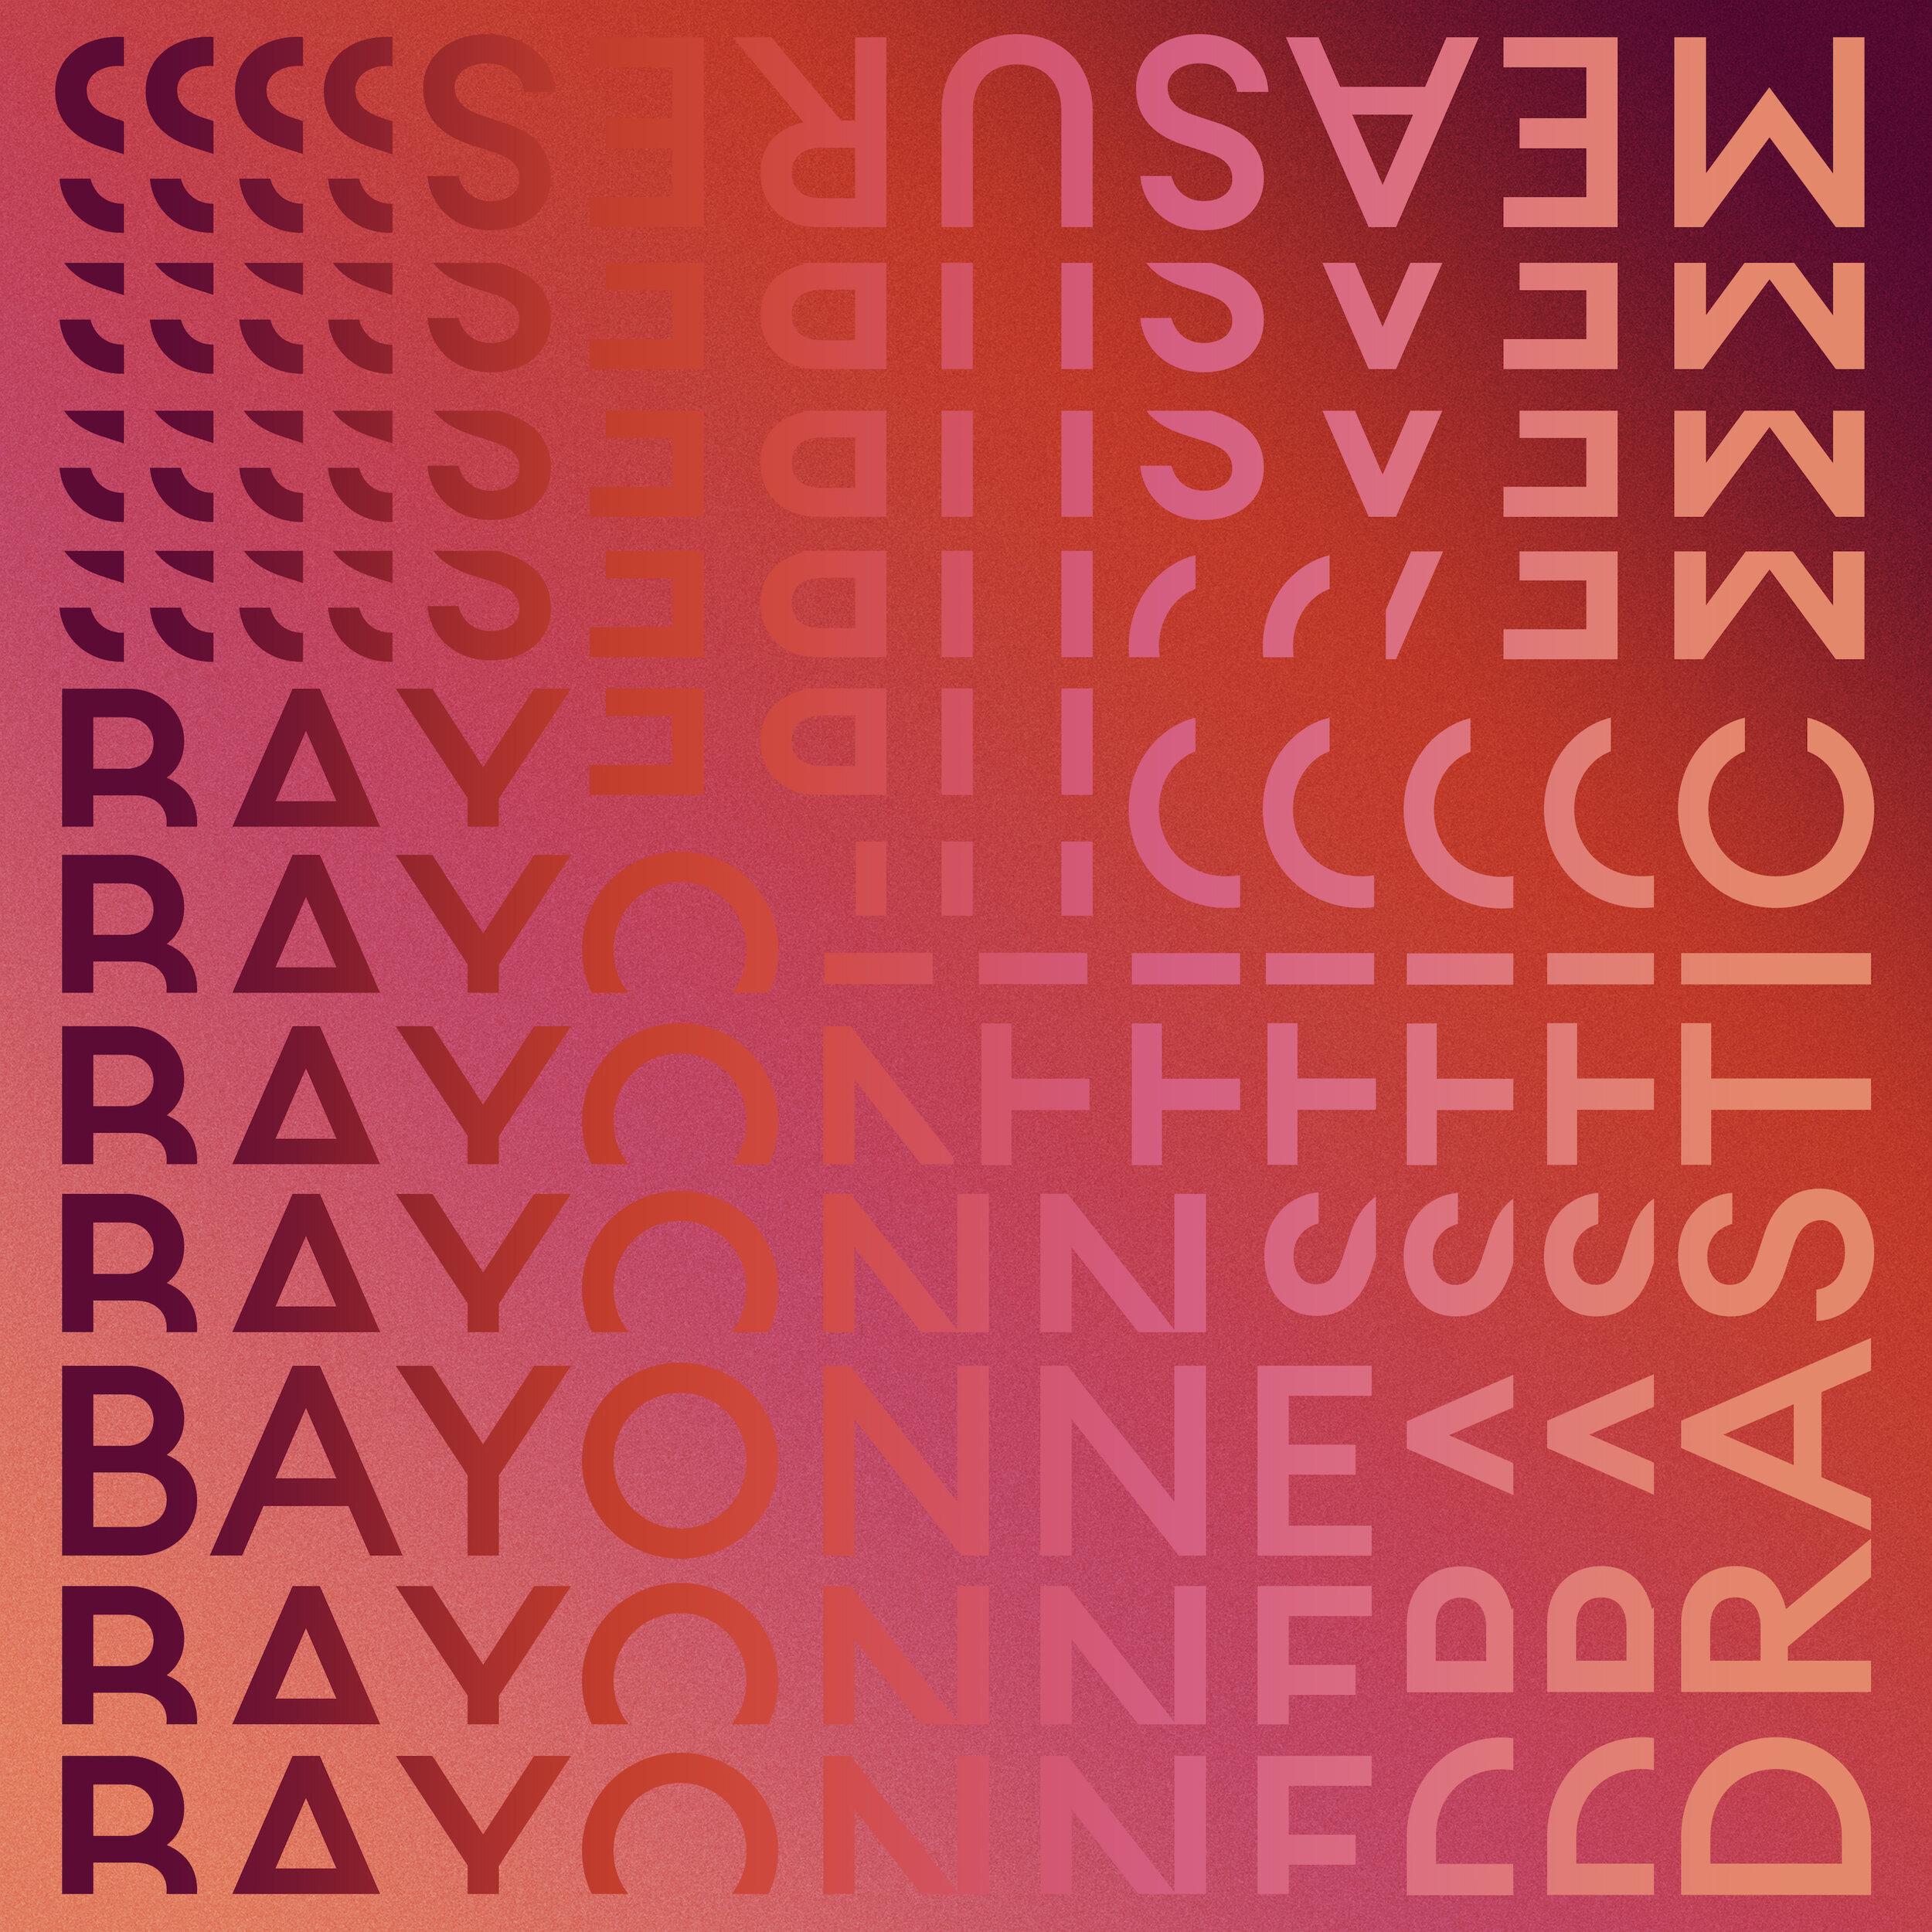 Bayonne_DrasticMeasures_Cover_3000.jpg